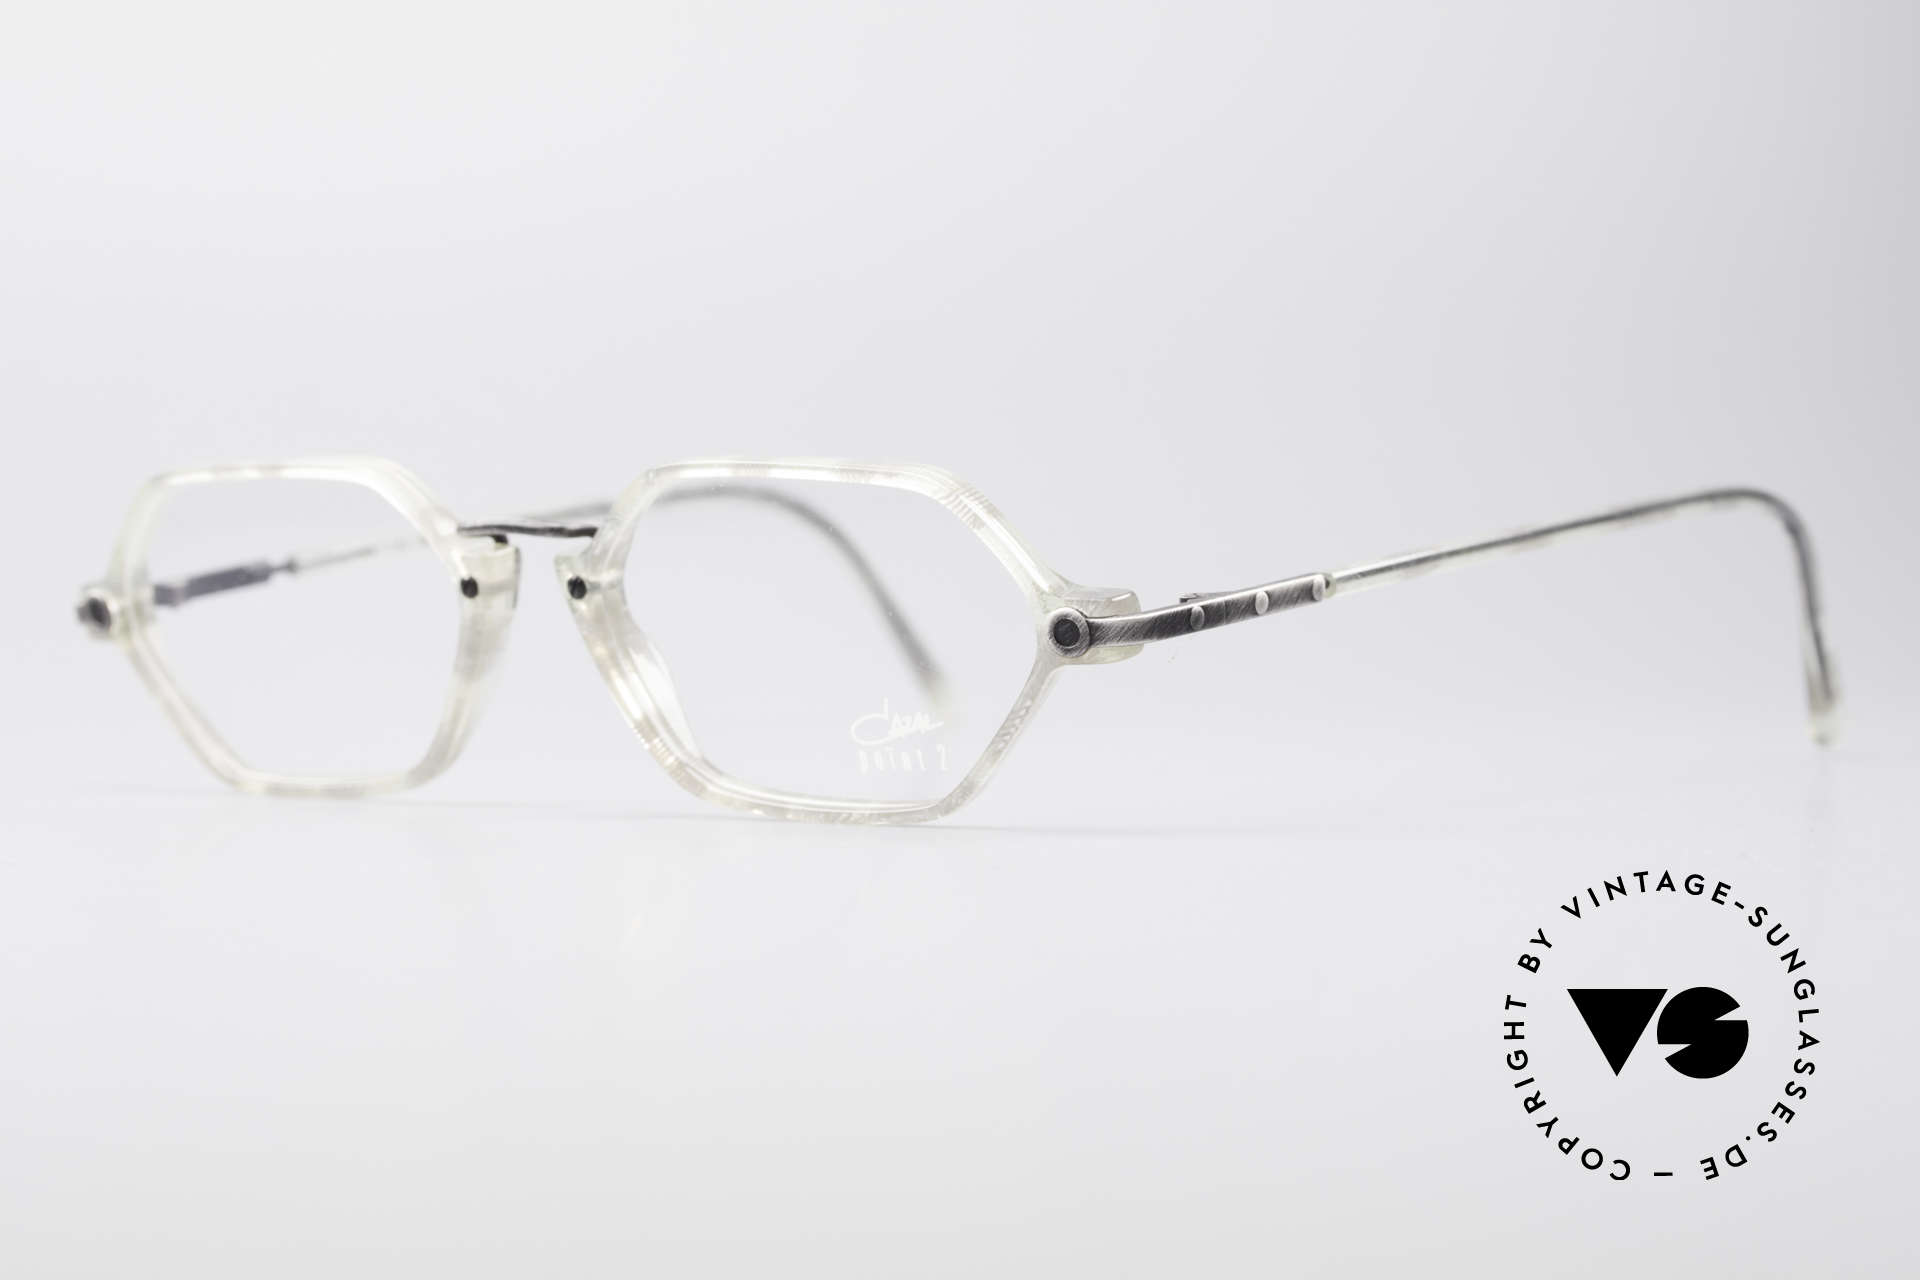 Cazal 1302 - Point 2 Original 90er Brillenfassung, grazile Kombination der Materialien in Top-Qualität, Passend für Herren und Damen